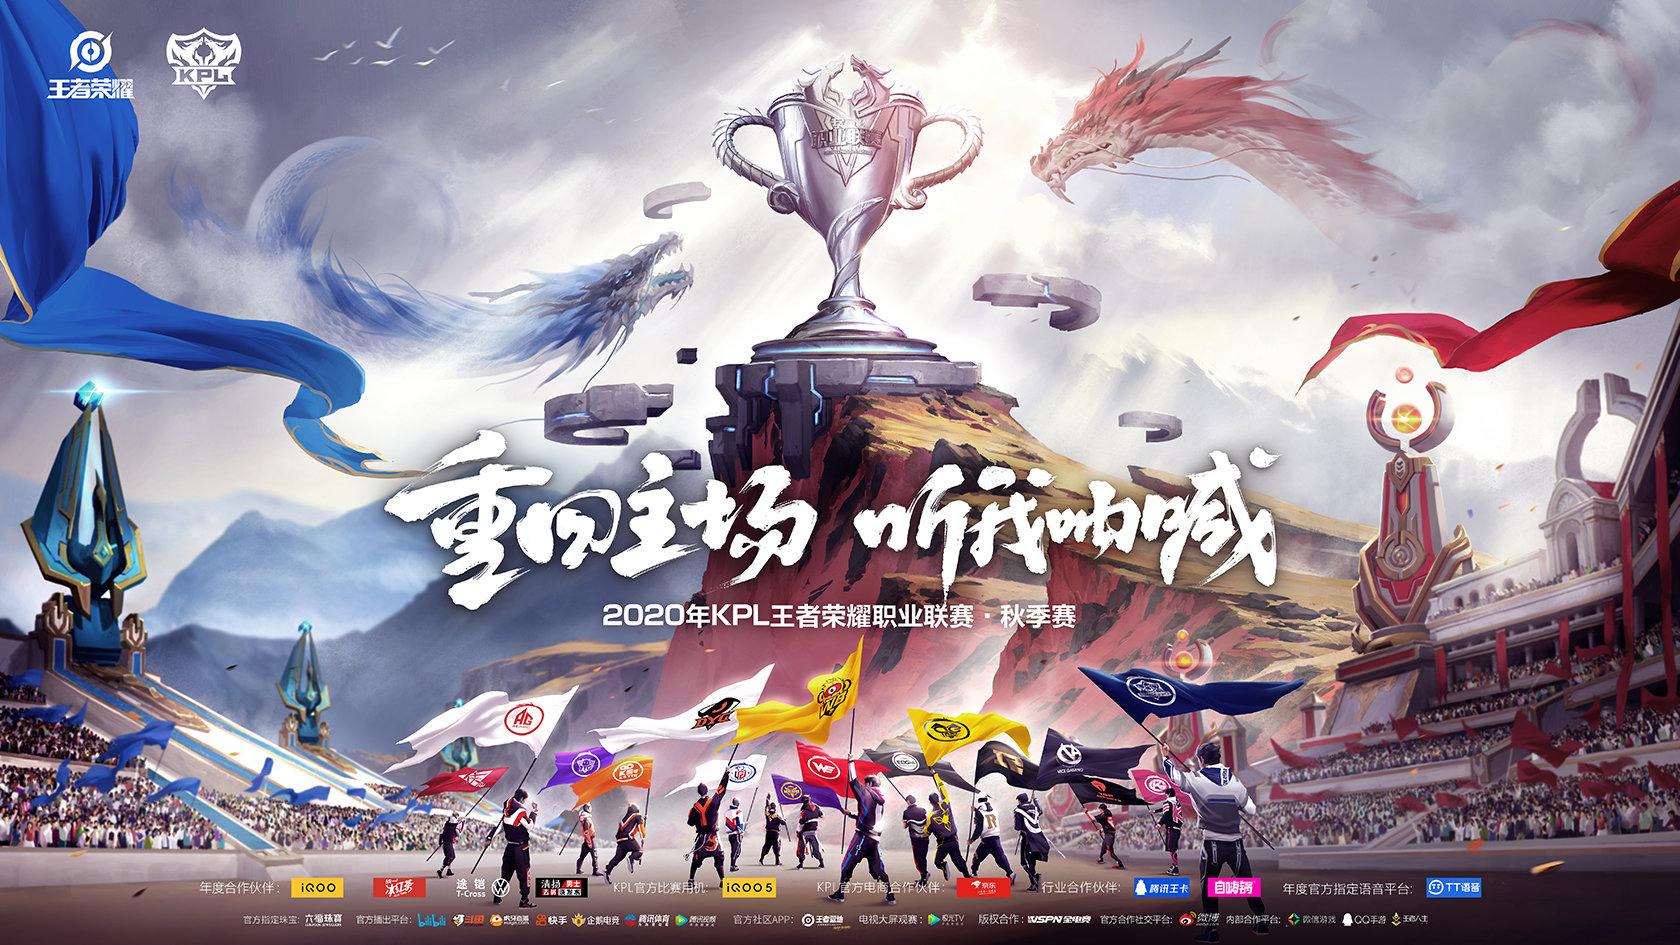 2020kpl秋季赛常规赛9月17日LGD大鹅vsDYG第二场比赛视频回放